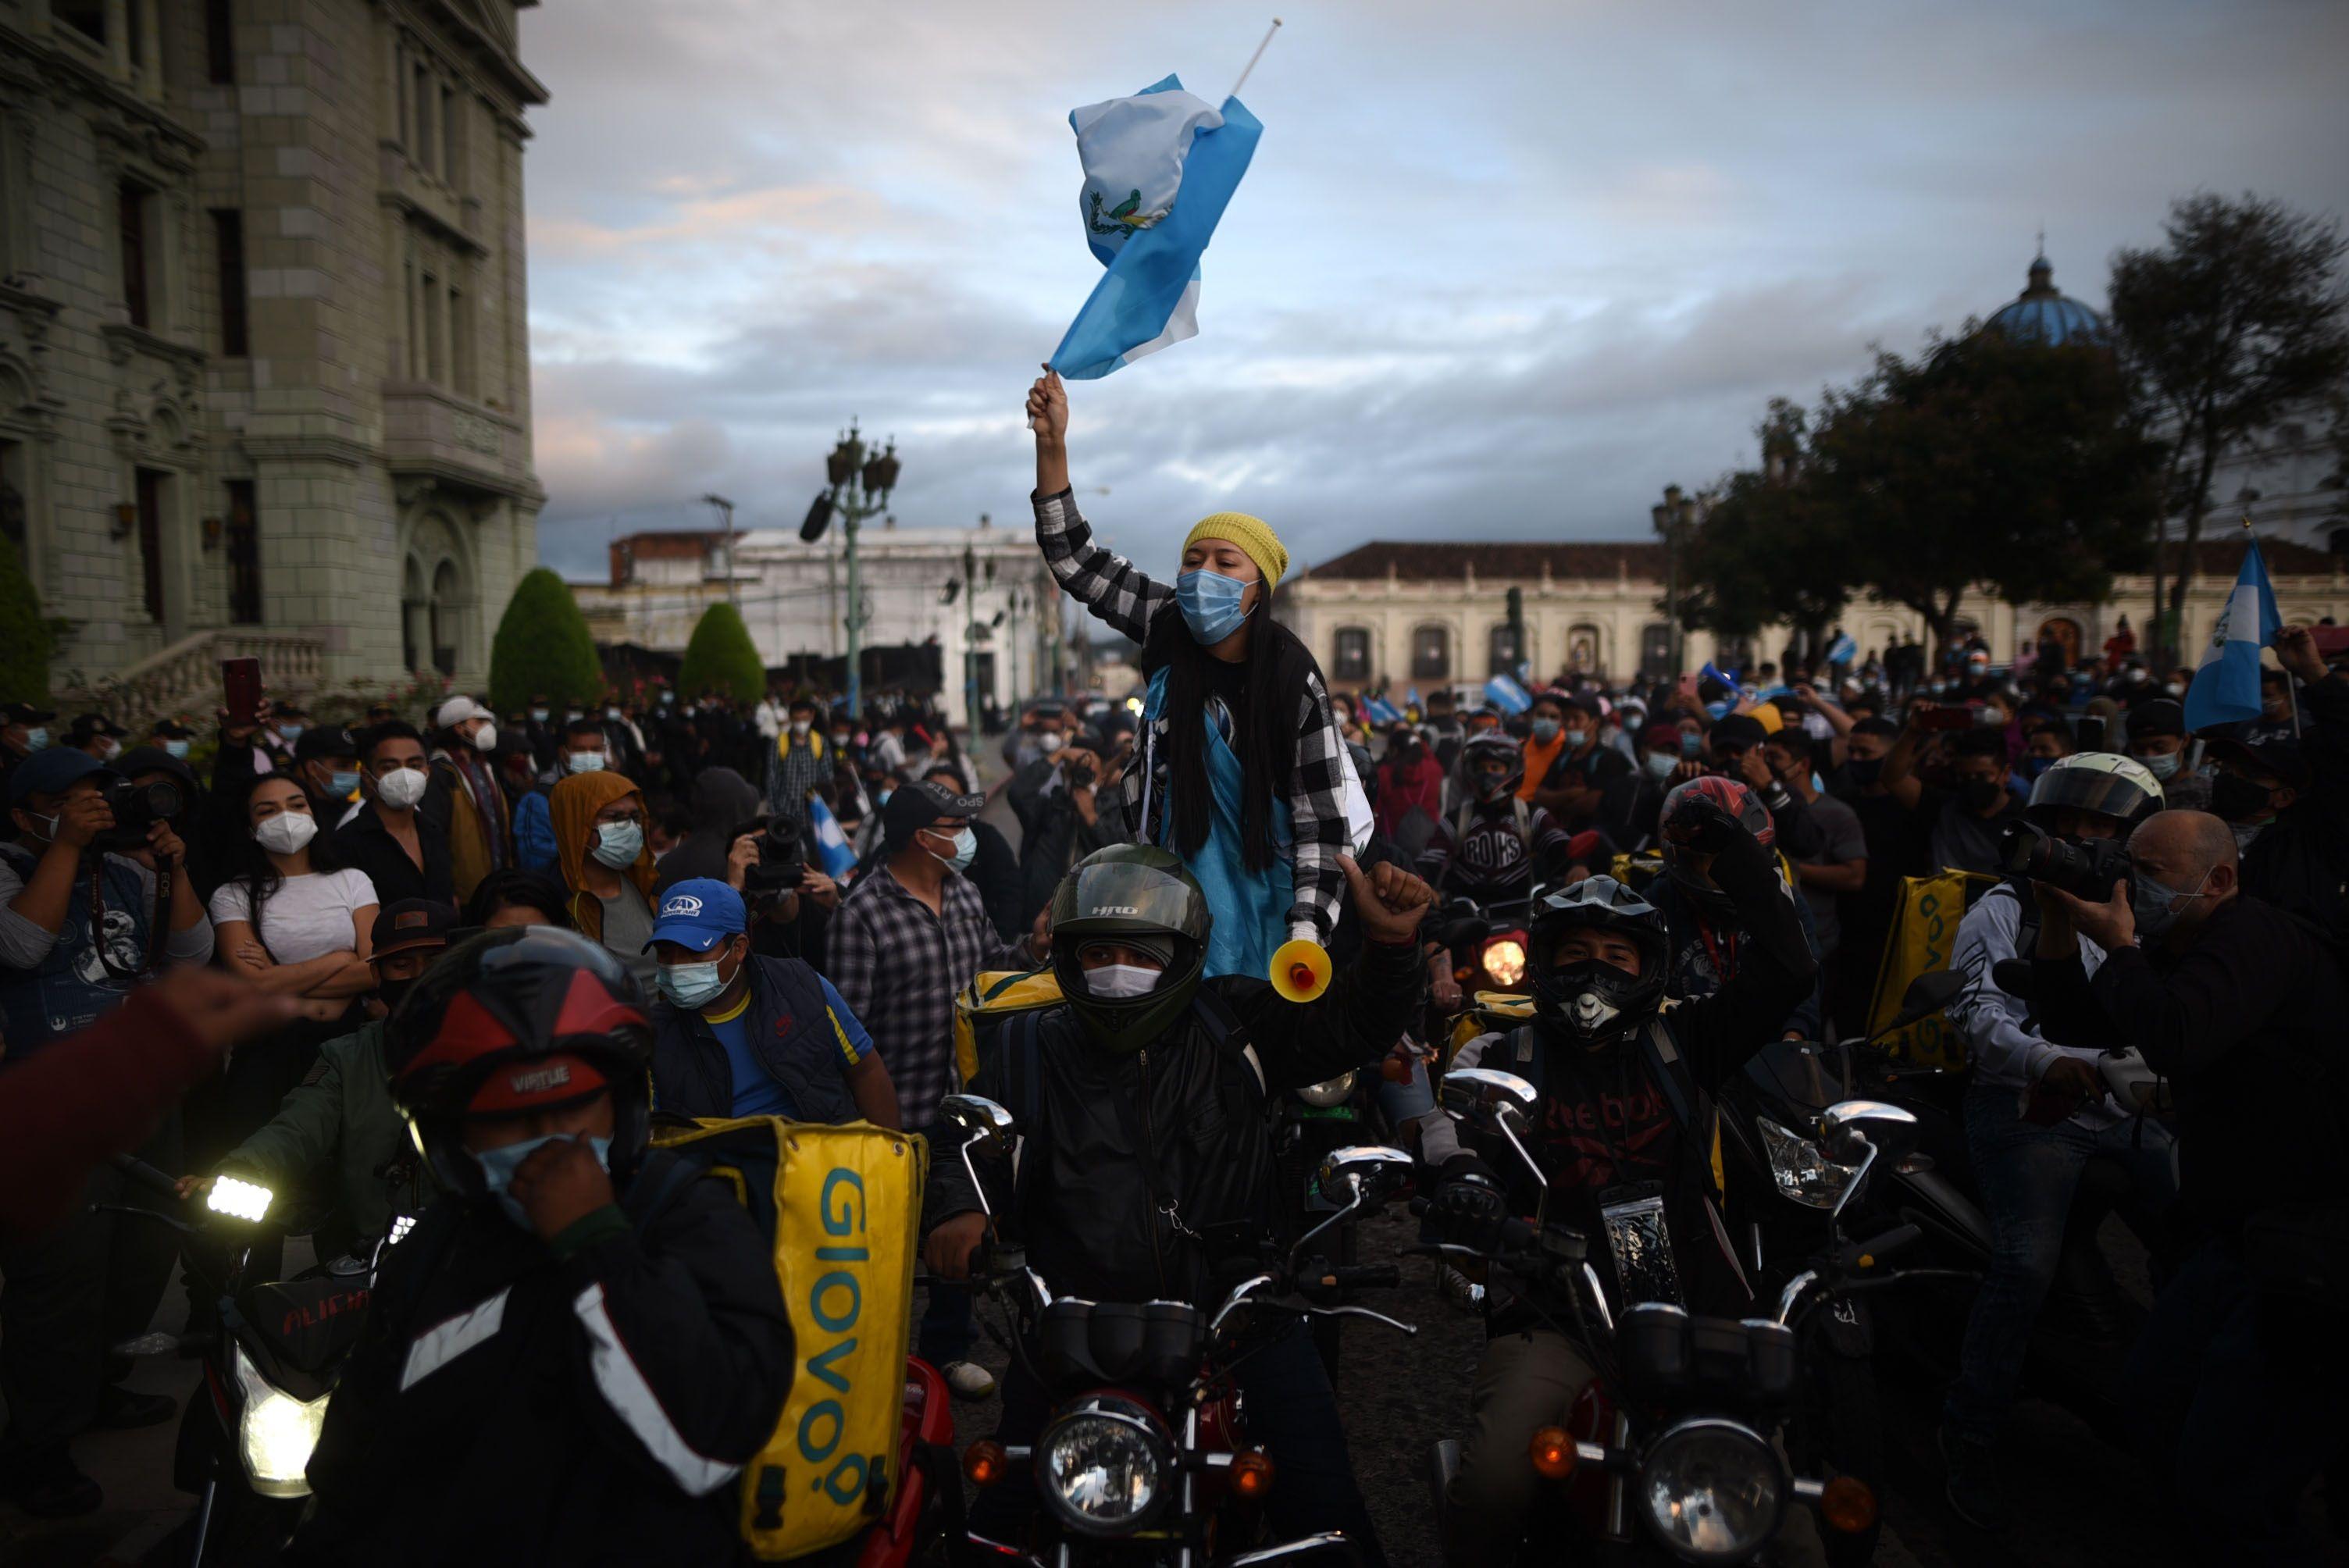 GU7010. CIUDAD DE GUATEMALA (GUATEMALA), 22/11/2020.- Manifestantes protestan hoy, domingo, en Ciudad de Guatemala. Cientos de guatemaltecos volvieron a manifestarse en contra del Gobierno del presidente local, Alejandro Giammattei, tal y como lo hicieron miles de personas el sábado en una multitudinaria protesta por la aprobación del presupuesto para 2021. EFE/Edwin Bercían